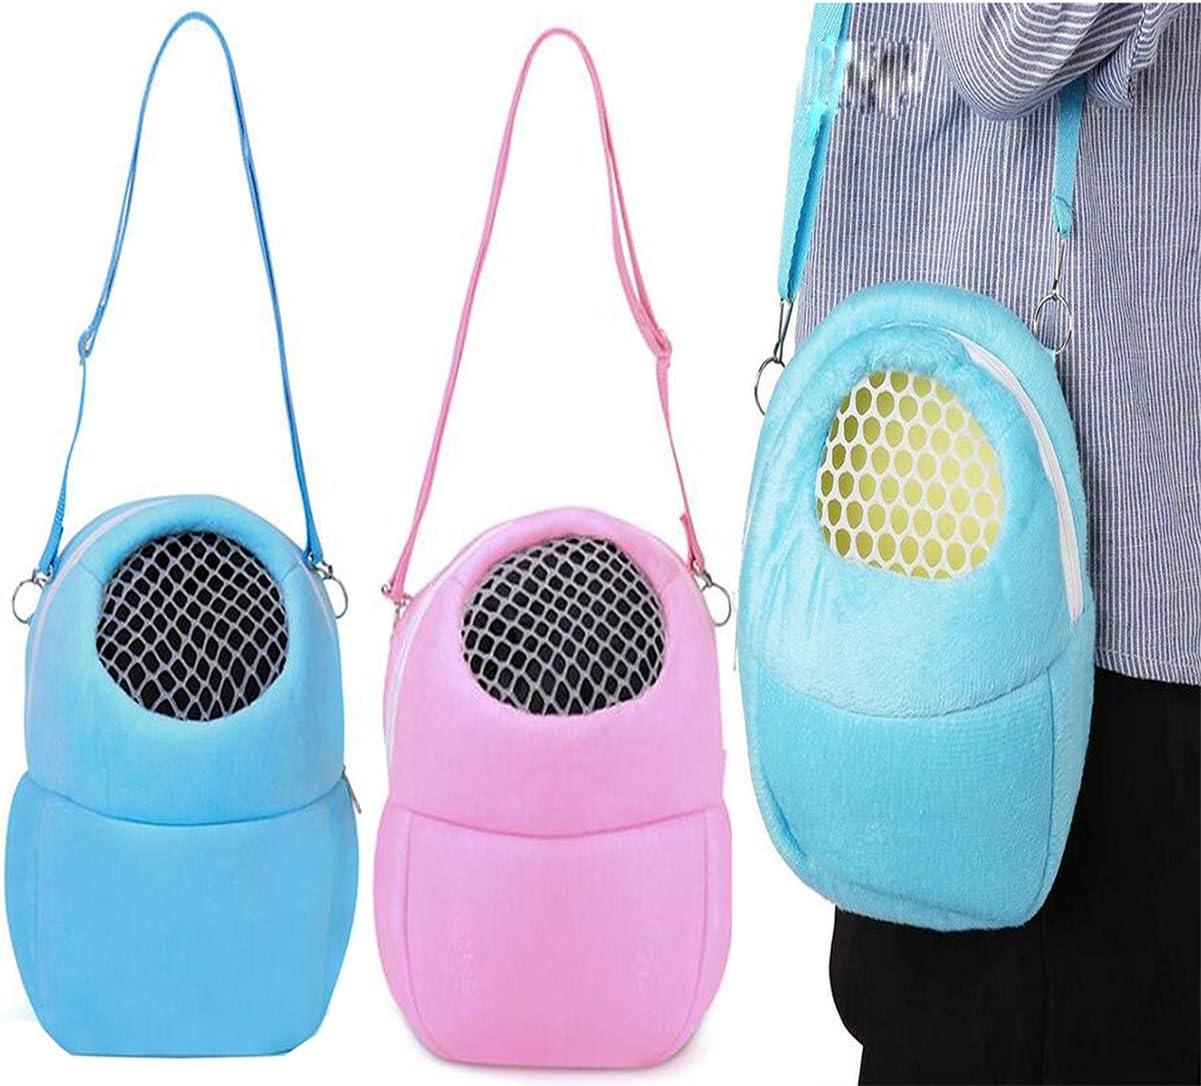 Biluer Bolsa de Transporte, 2PCS Pet Carrier Bag Hamster Carrier Hamster Travel Bag Adecuado para Transportar Ratas Hámsters Ratones Ardillas Chinchillas Erizos Y Otros Animales Similares